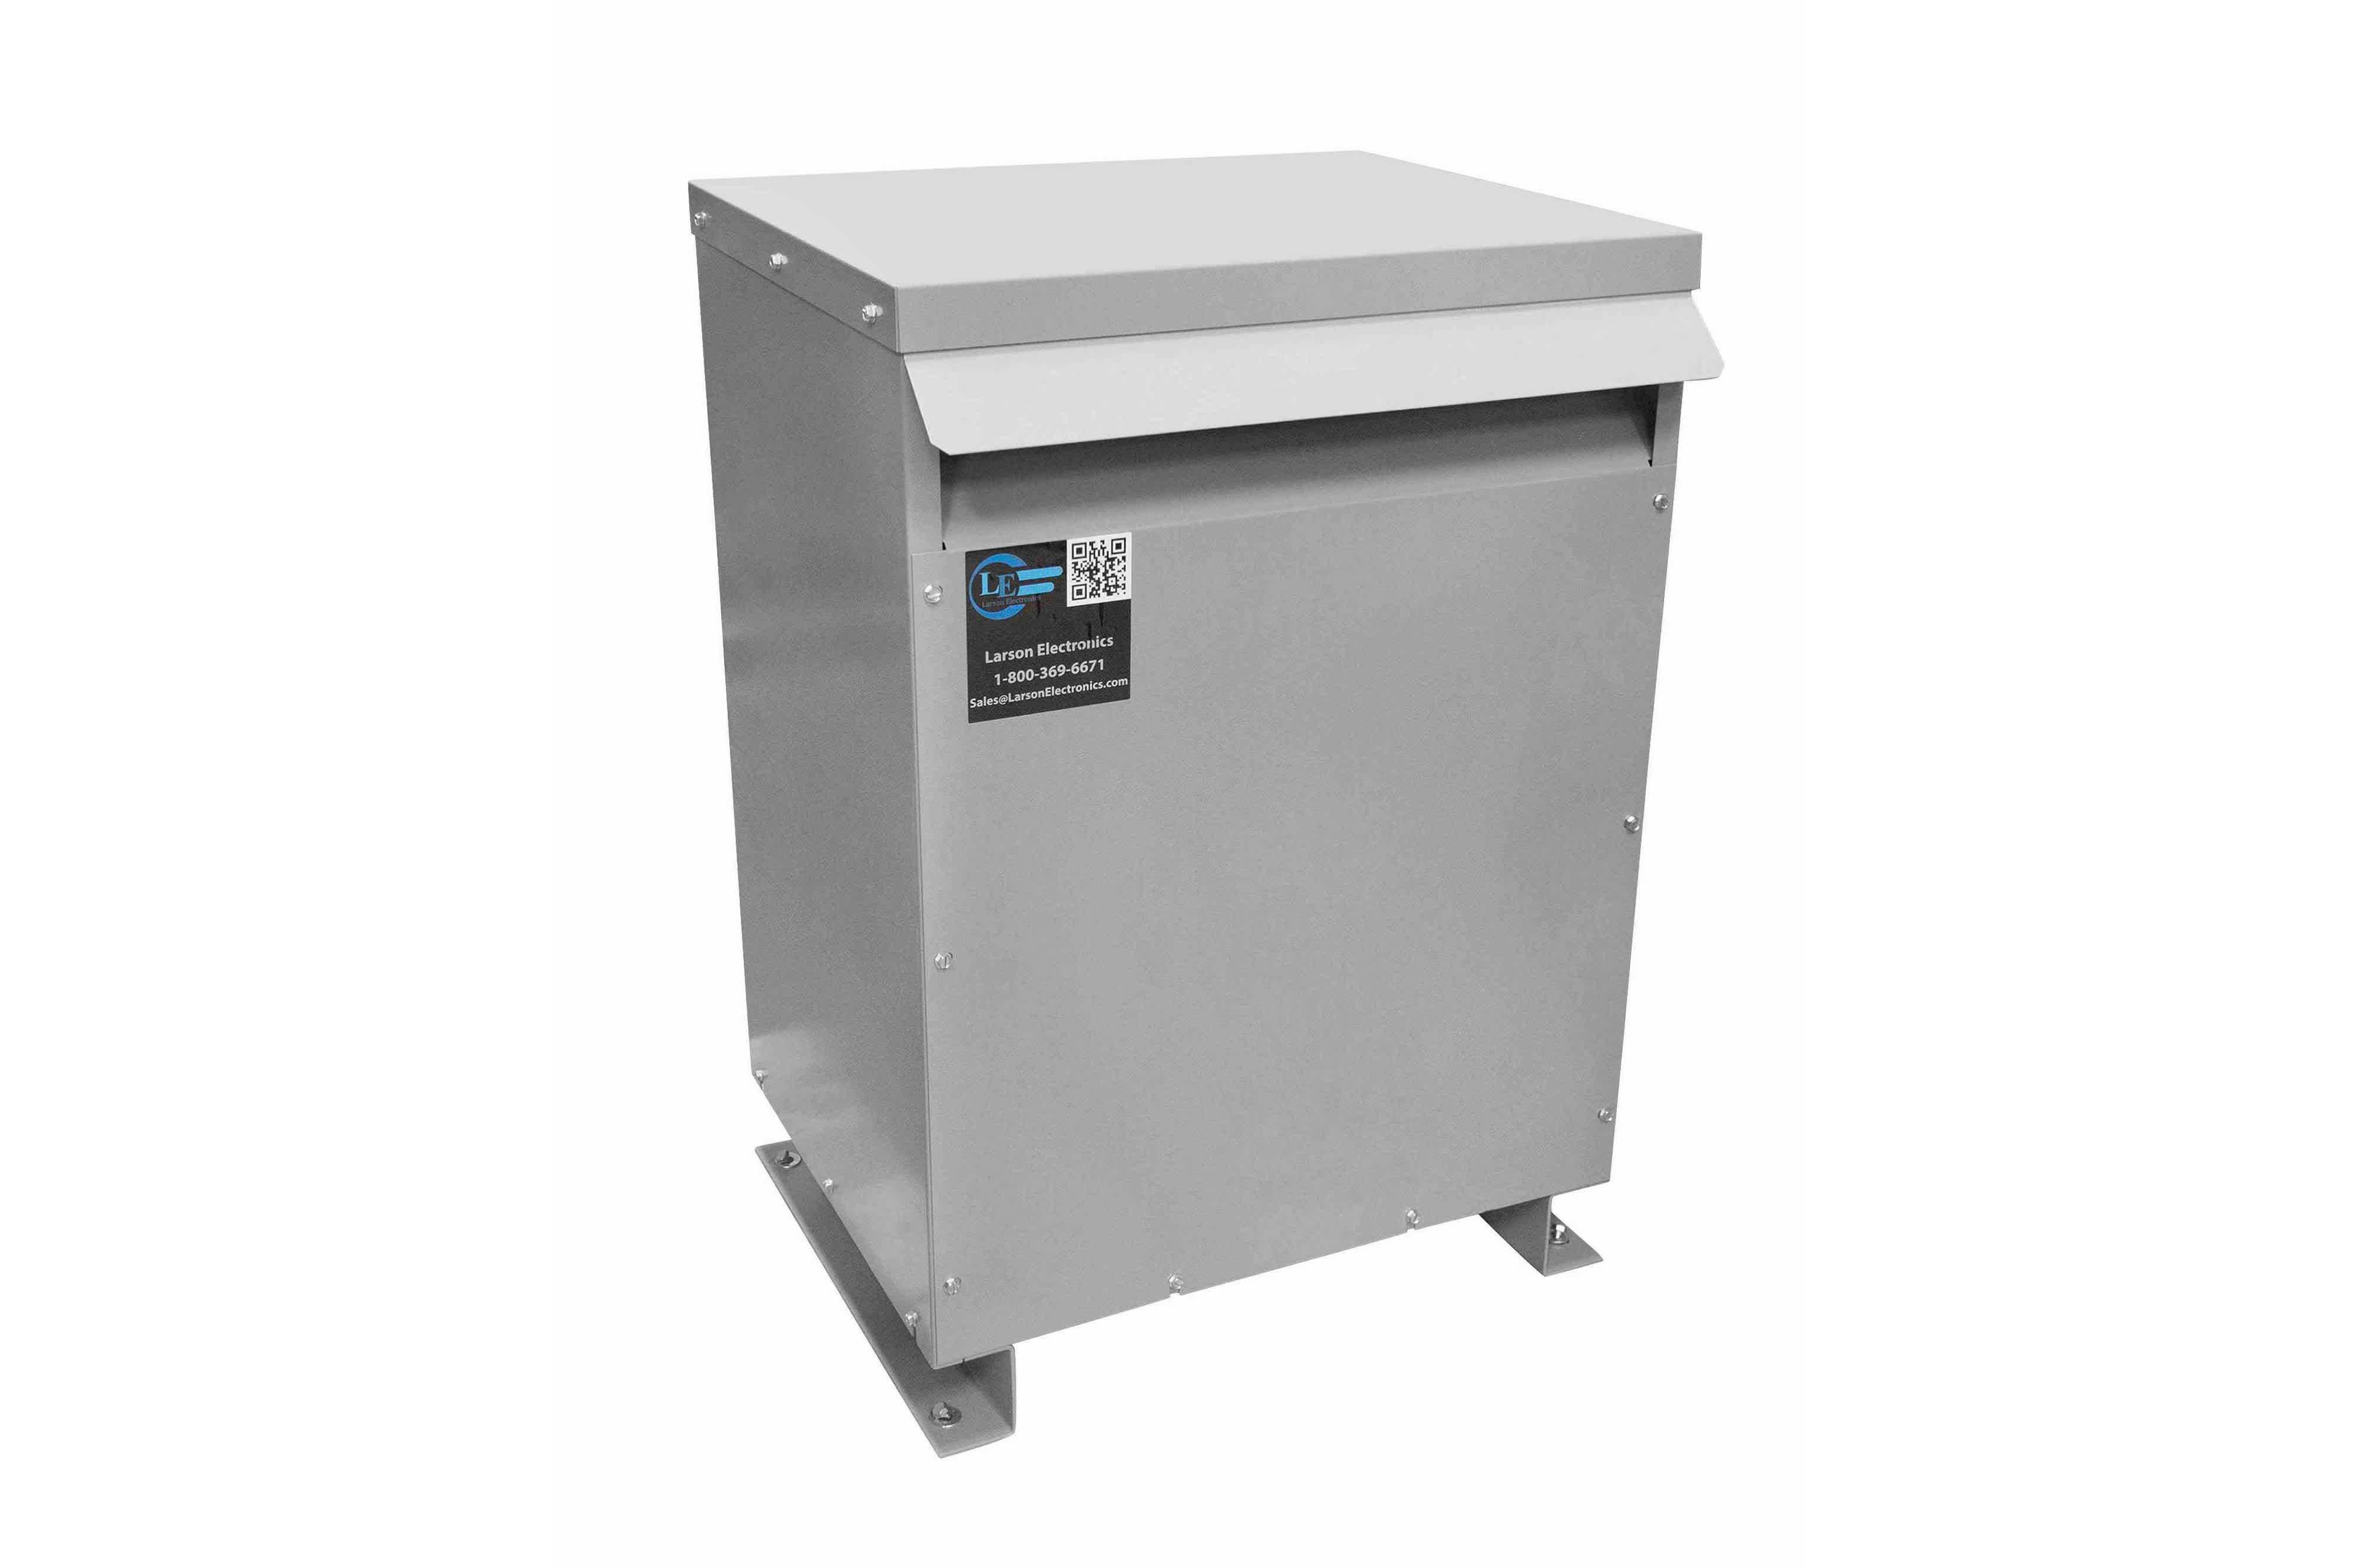 36 kVA 3PH Isolation Transformer, 600V Delta Primary, 480V Delta Secondary, N3R, Ventilated, 60 Hz